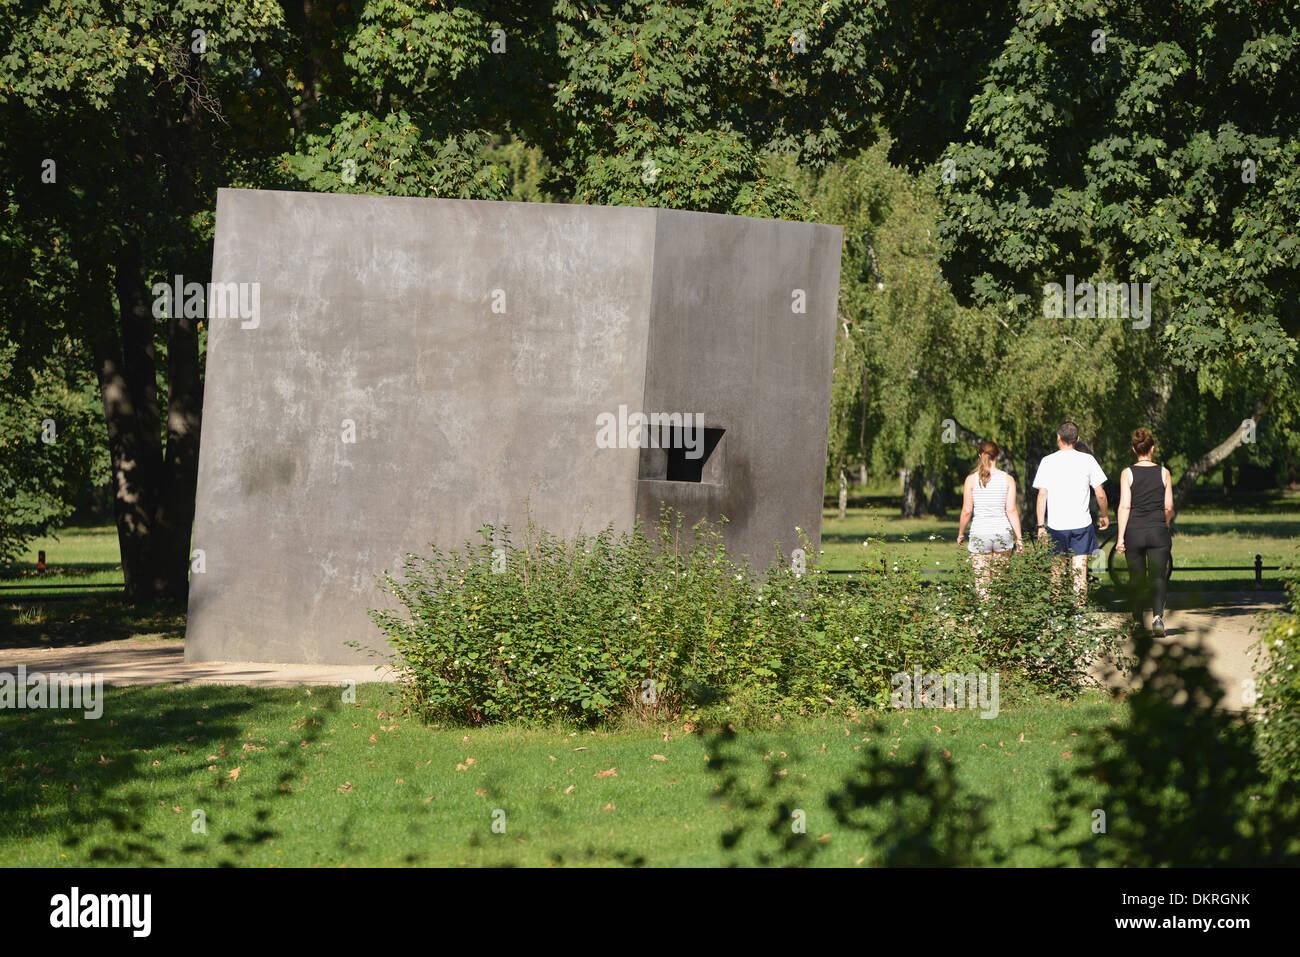 Denkmal für die im Nationalsozialismus verfolgten Homosexuellen, Tiergarten, Berlin, Deutschland Stock Photo